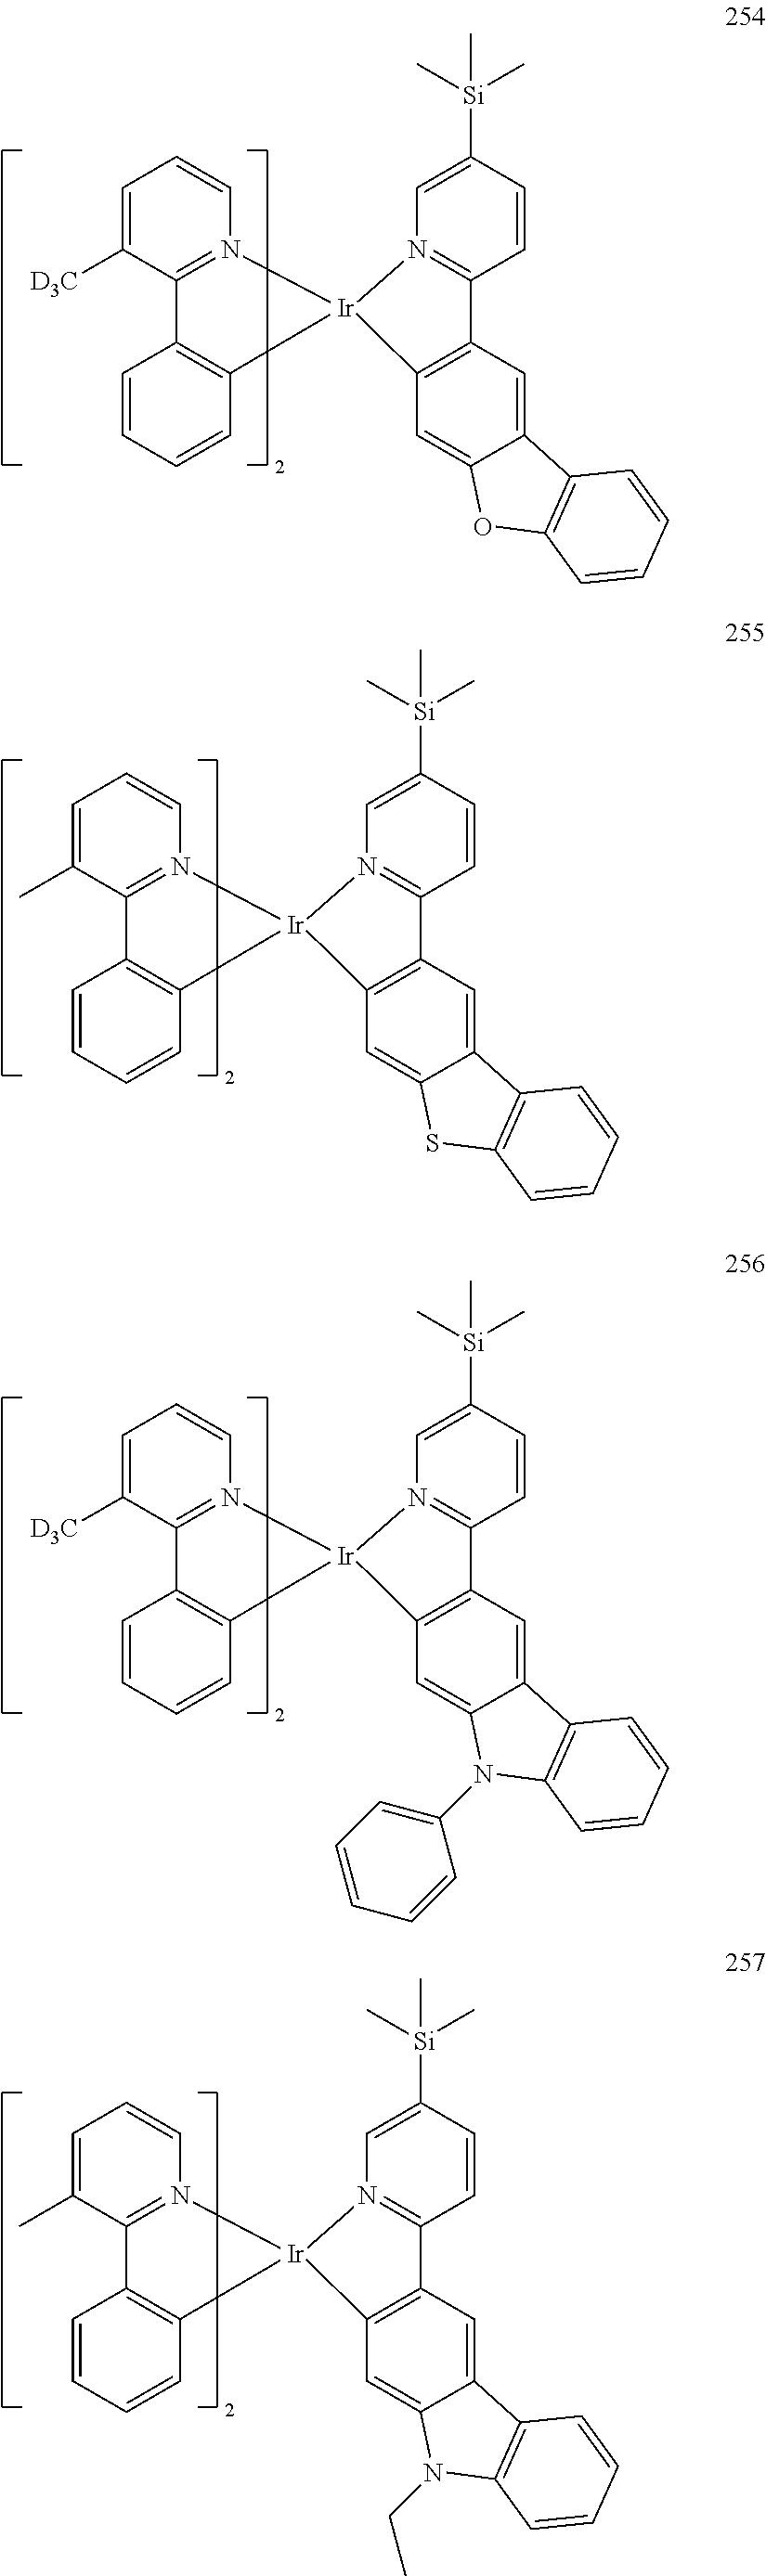 Figure US20160155962A1-20160602-C00139